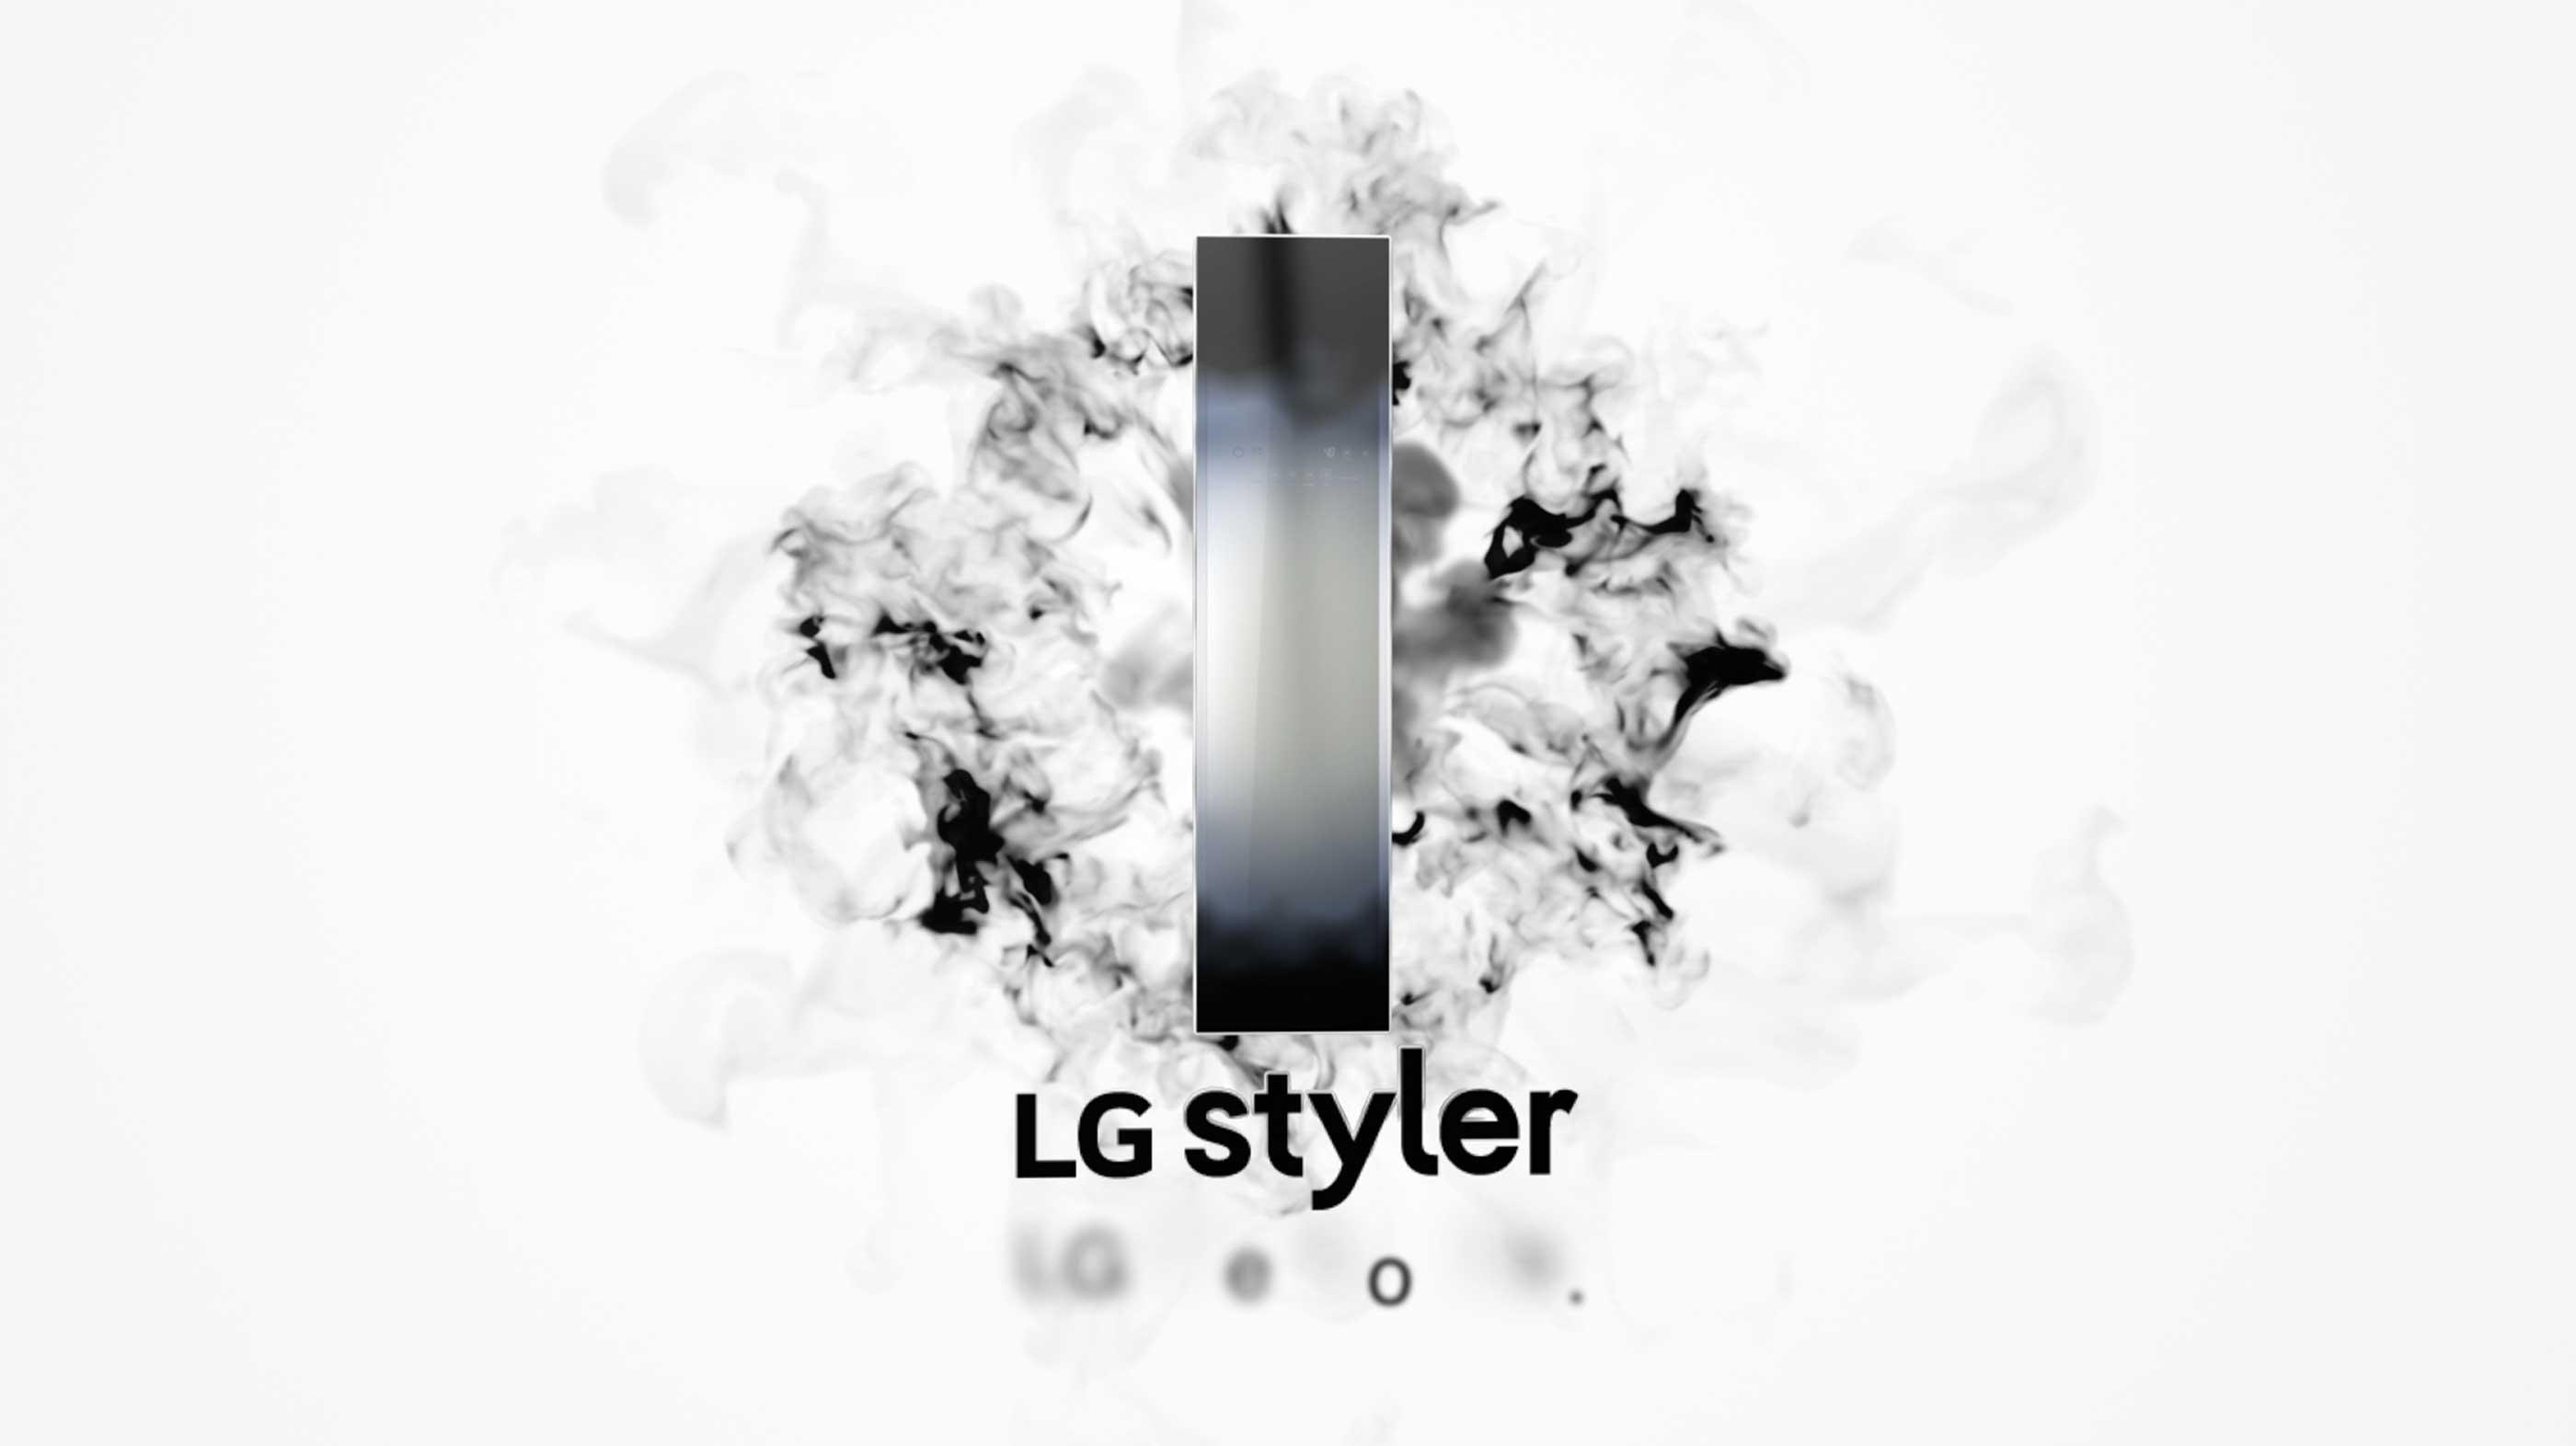 LG Styler(スタイラー)認定アンバサダーとして期間限定でレビュワー活動を行いました。